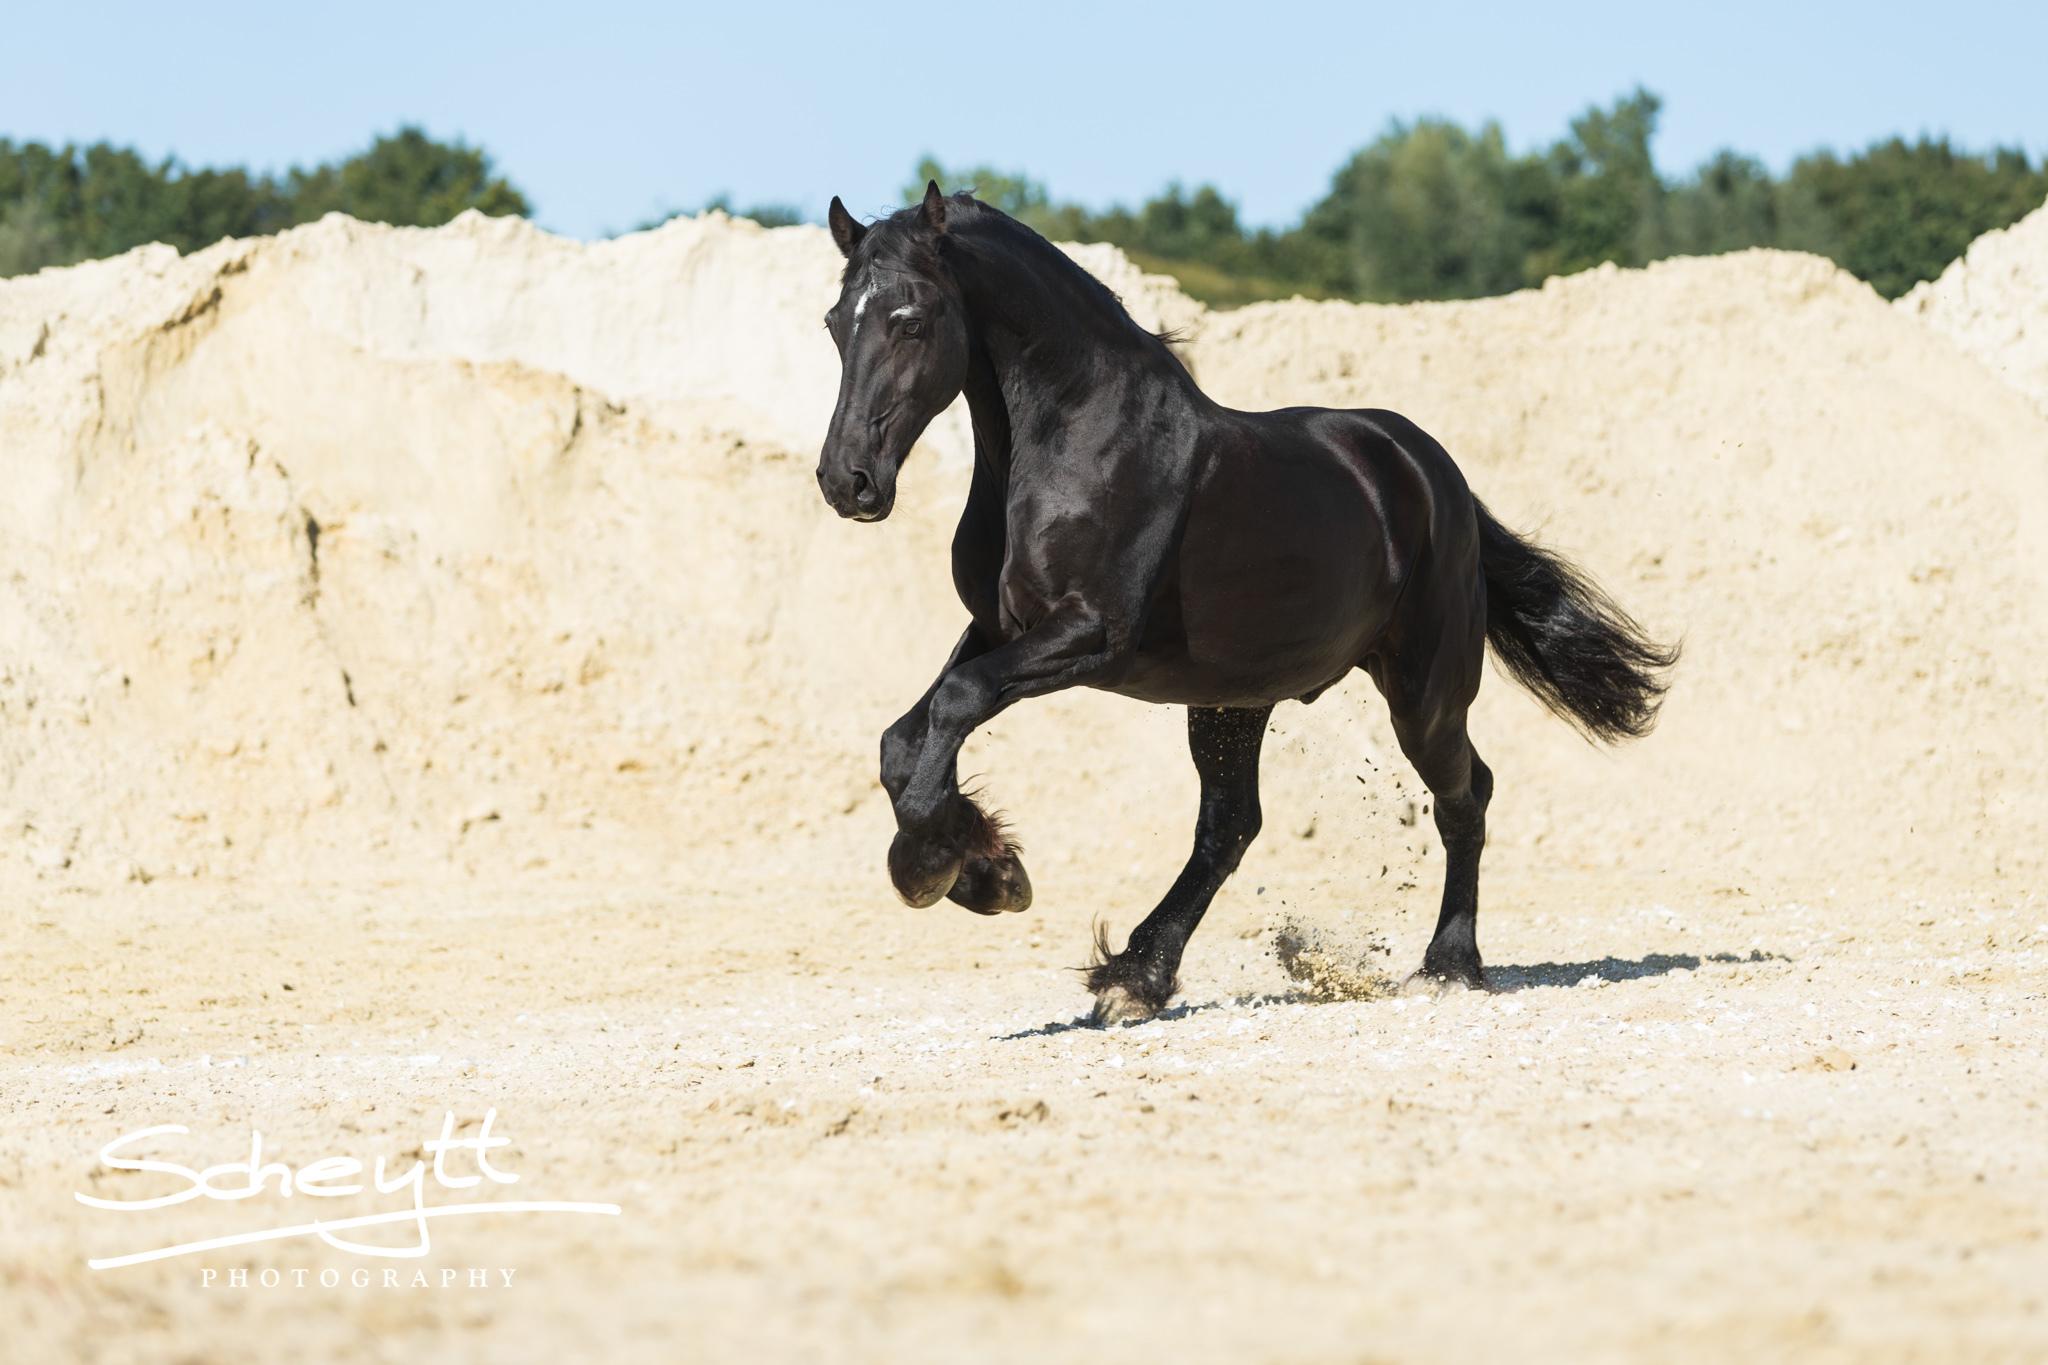 pferde fotoshooting die vorbereitung